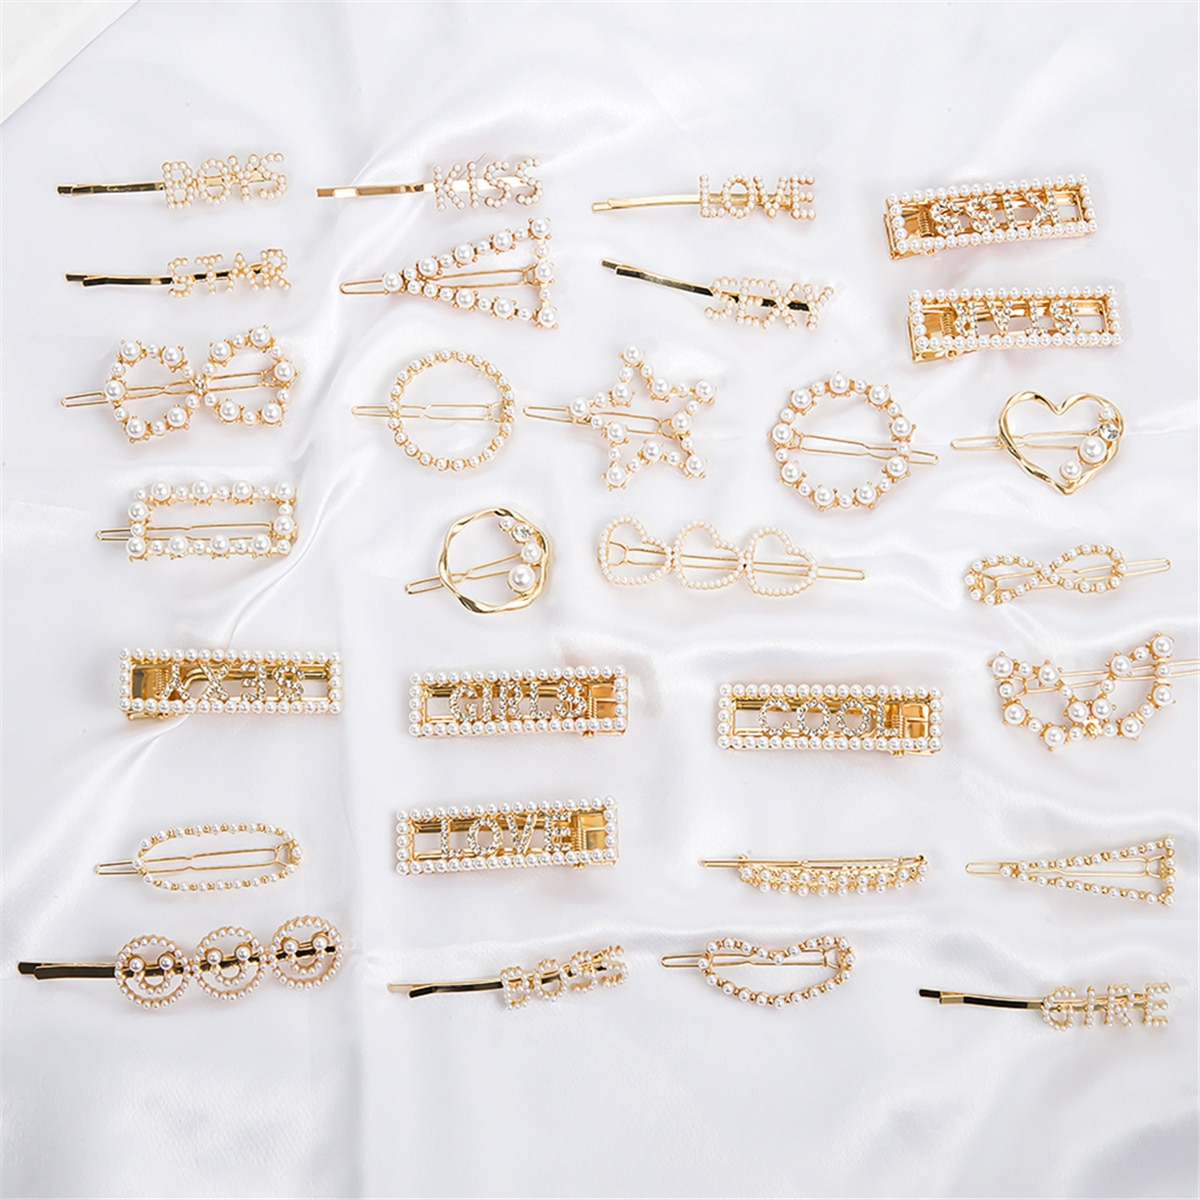 29 estilos coreano simulado pérola barrettes para senhoras casamento nupcial elegante cristal pino de cabelo ferramentas estilo beleza